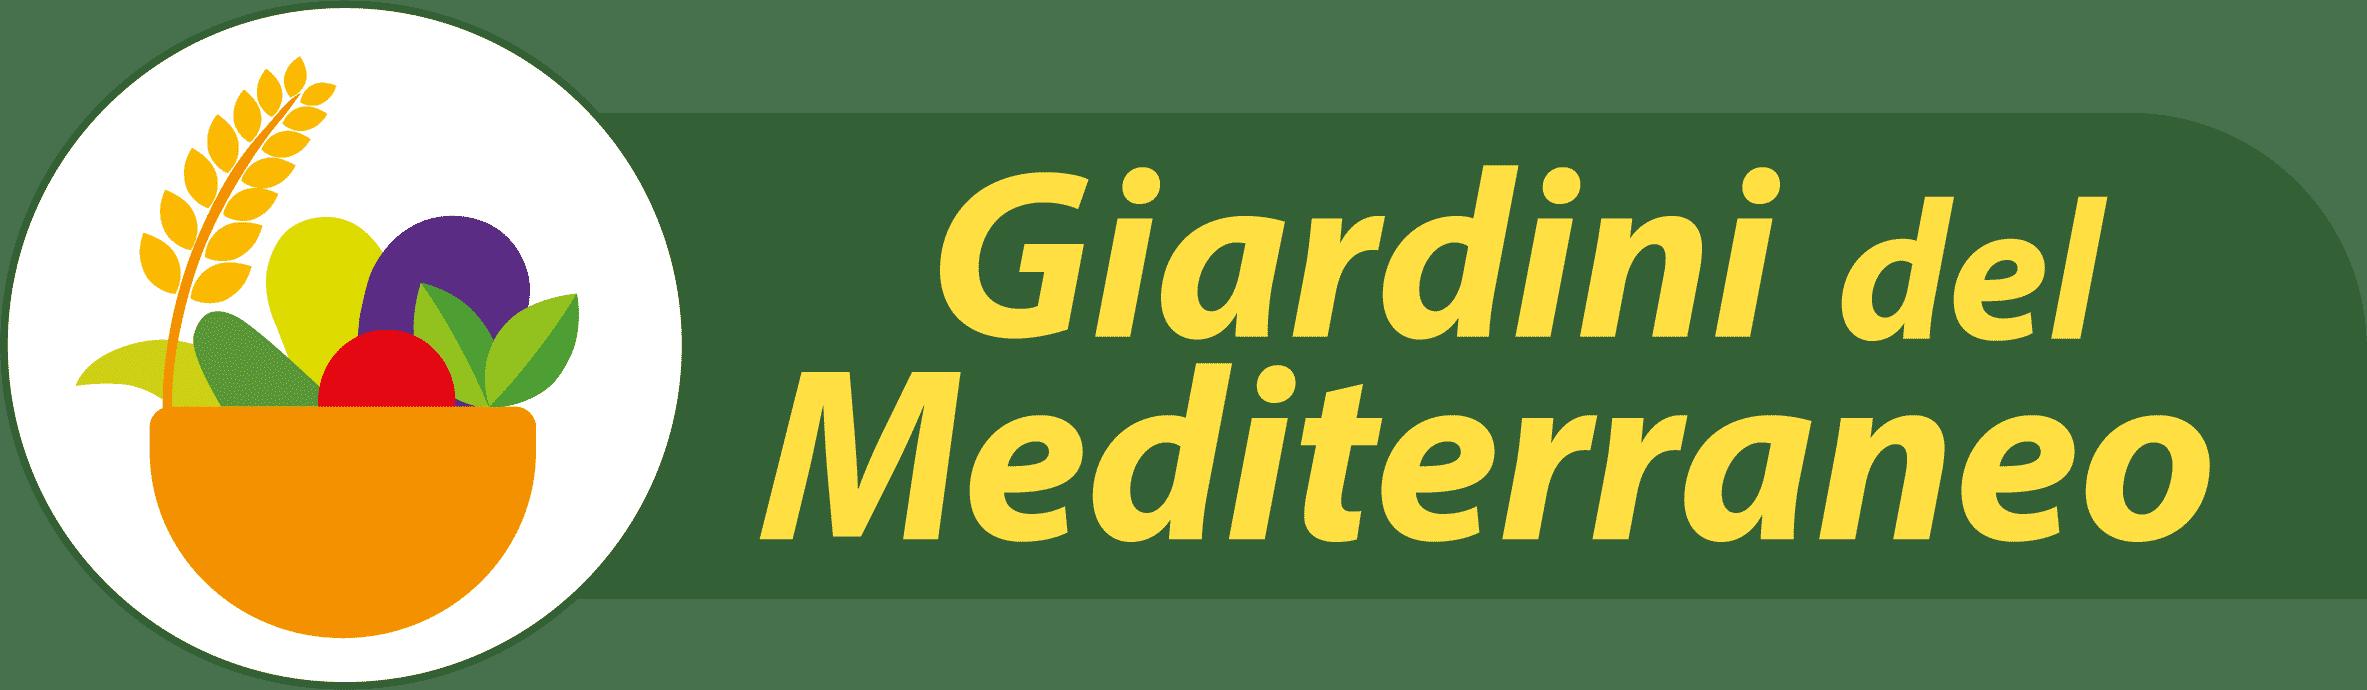 Giardini del Mediterraneo